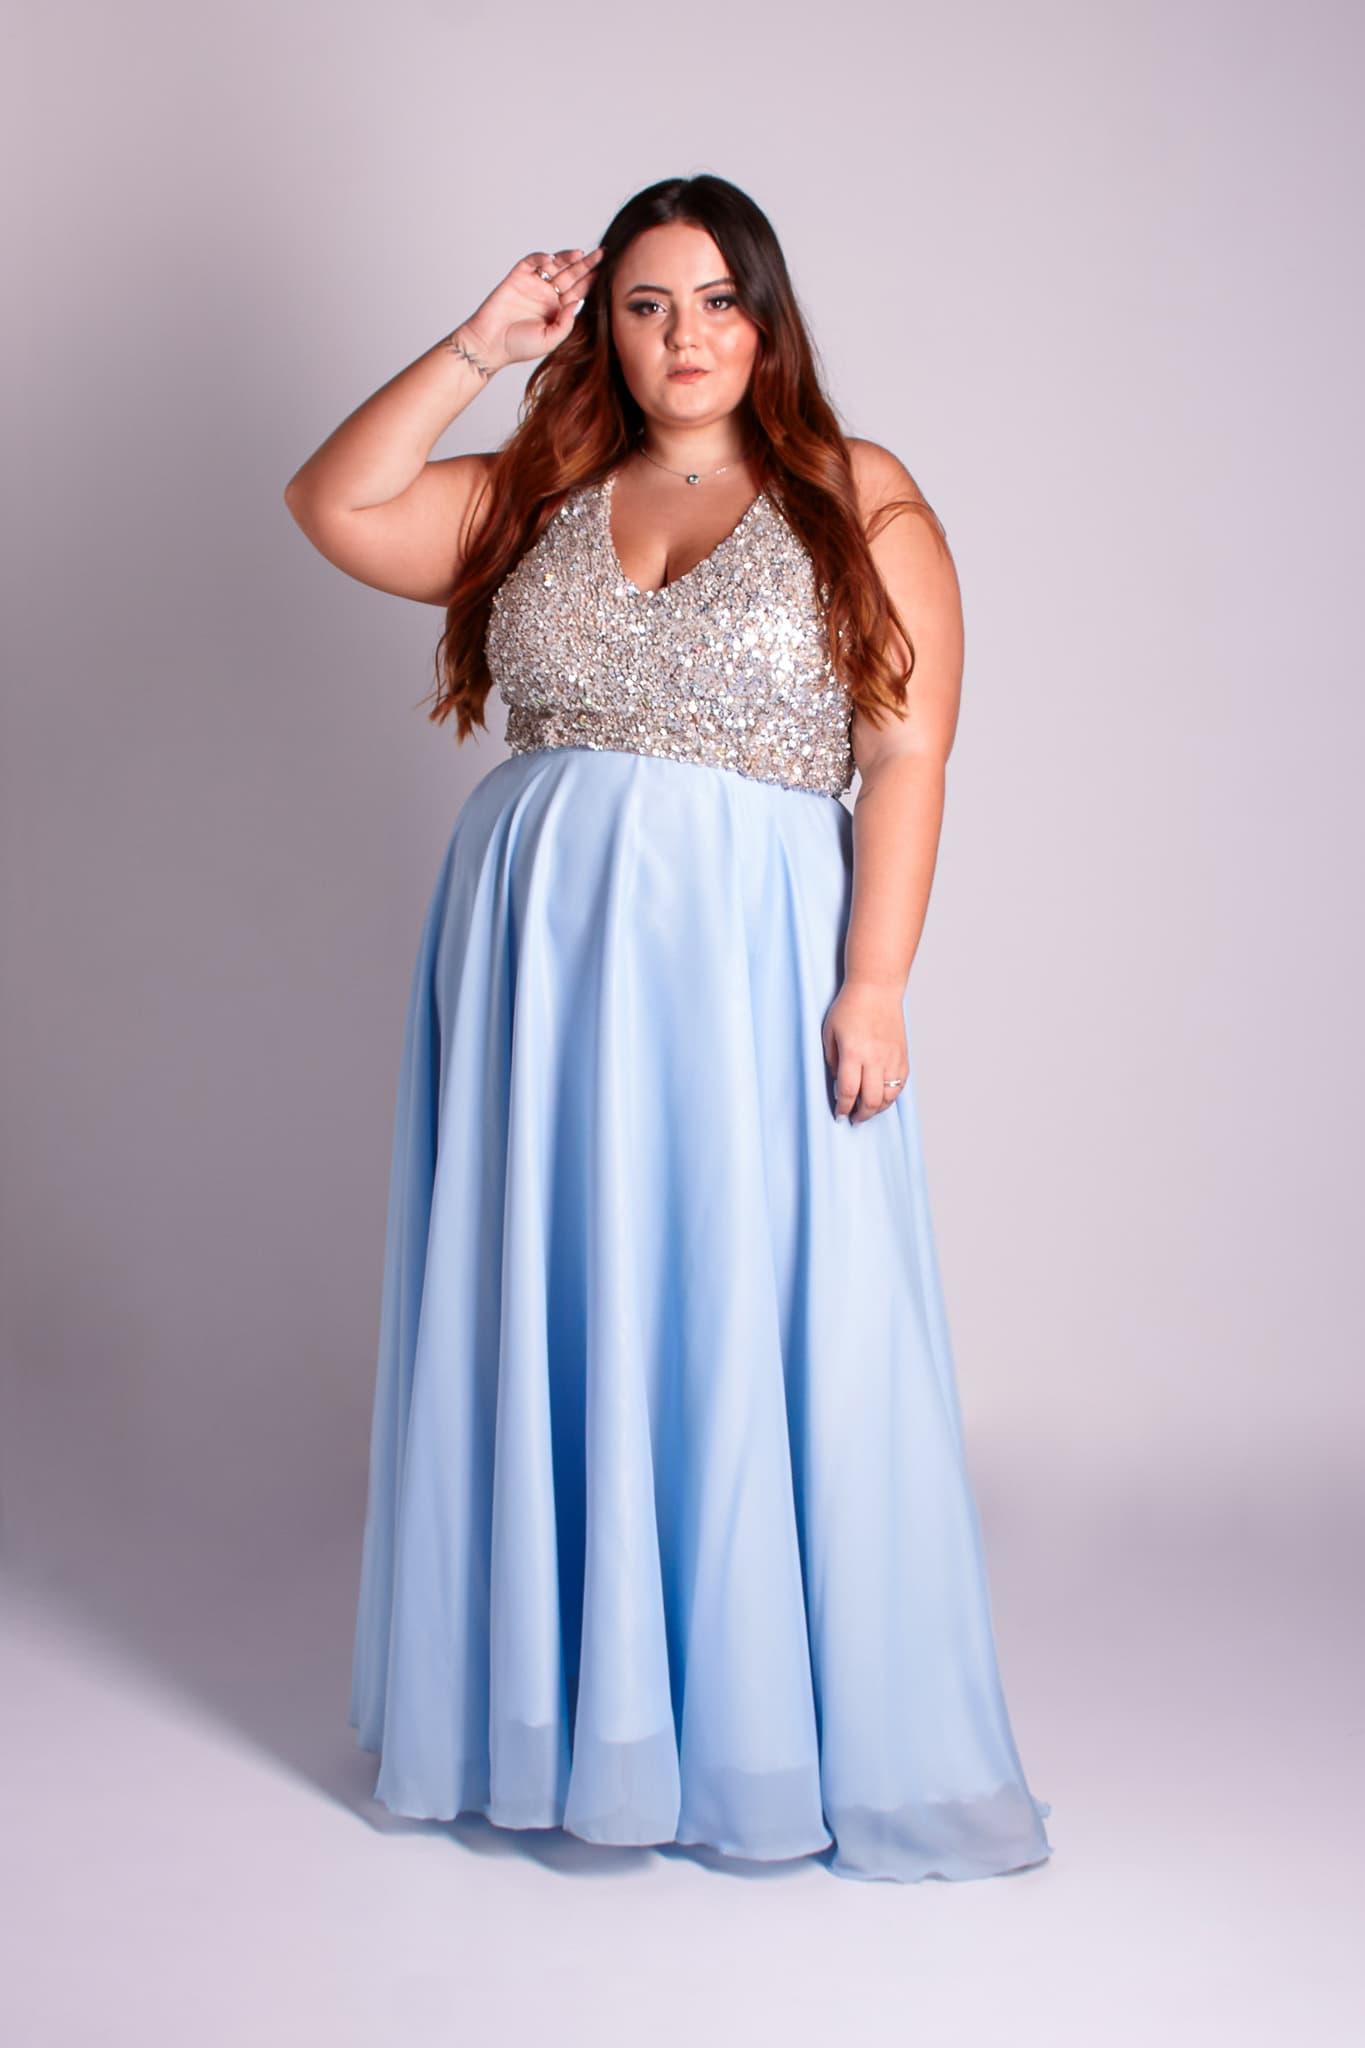 58 - vestido com corpo bordado em pedraria prata e saia azul serenity removível